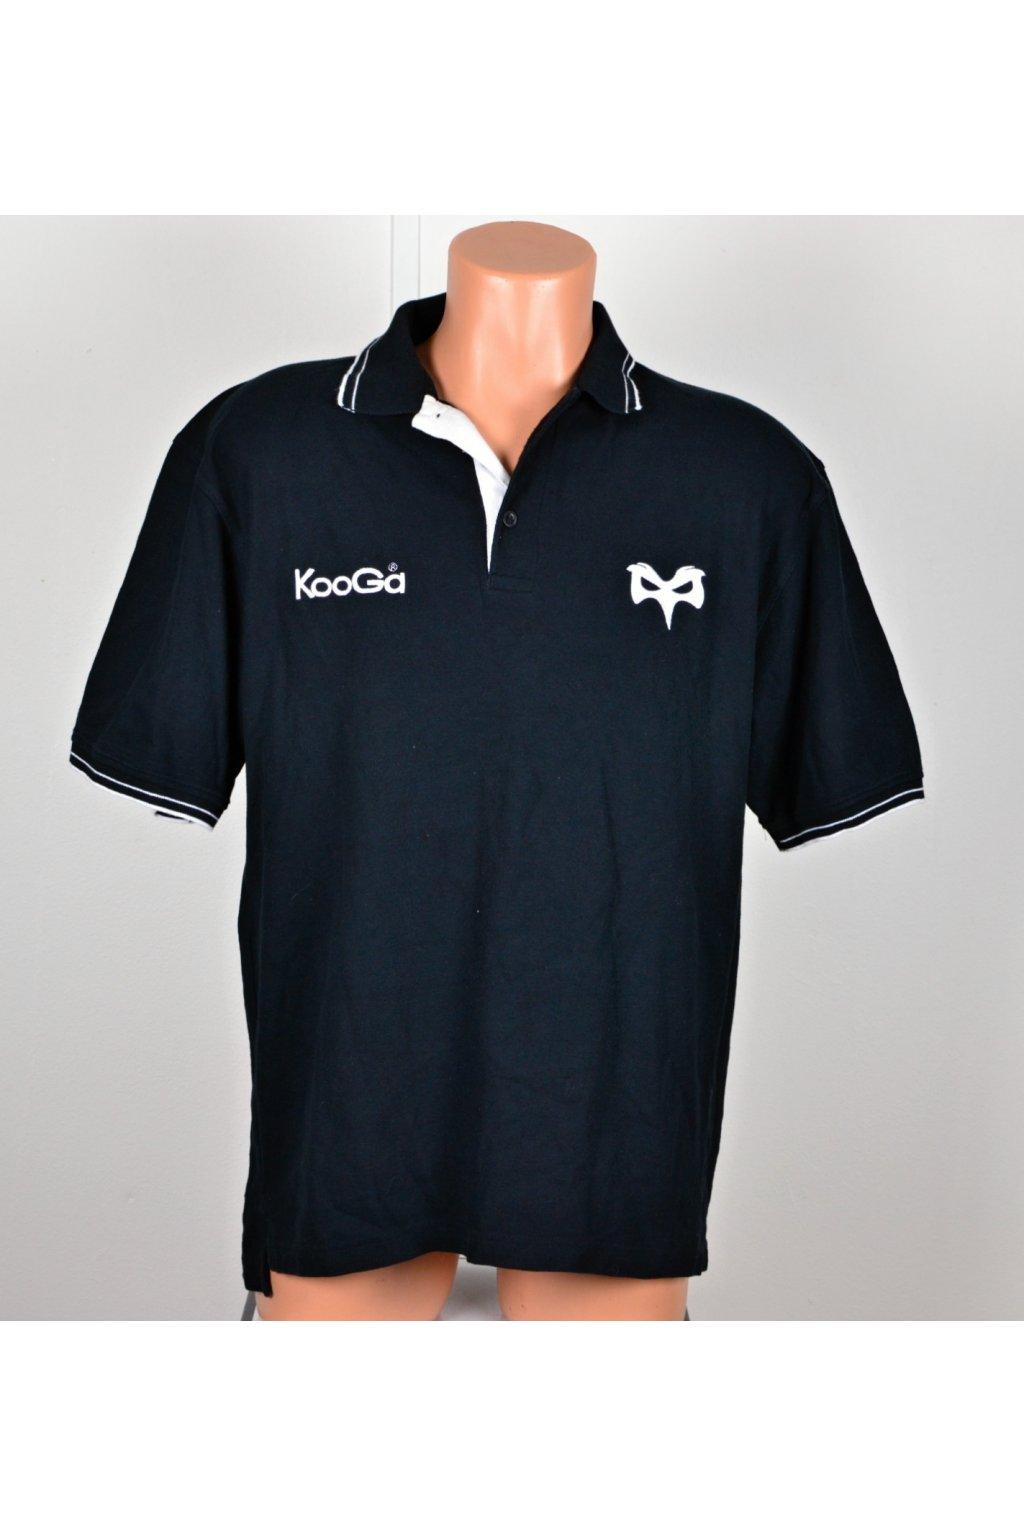 Polo tričko Kooga vel M černé s límečkem